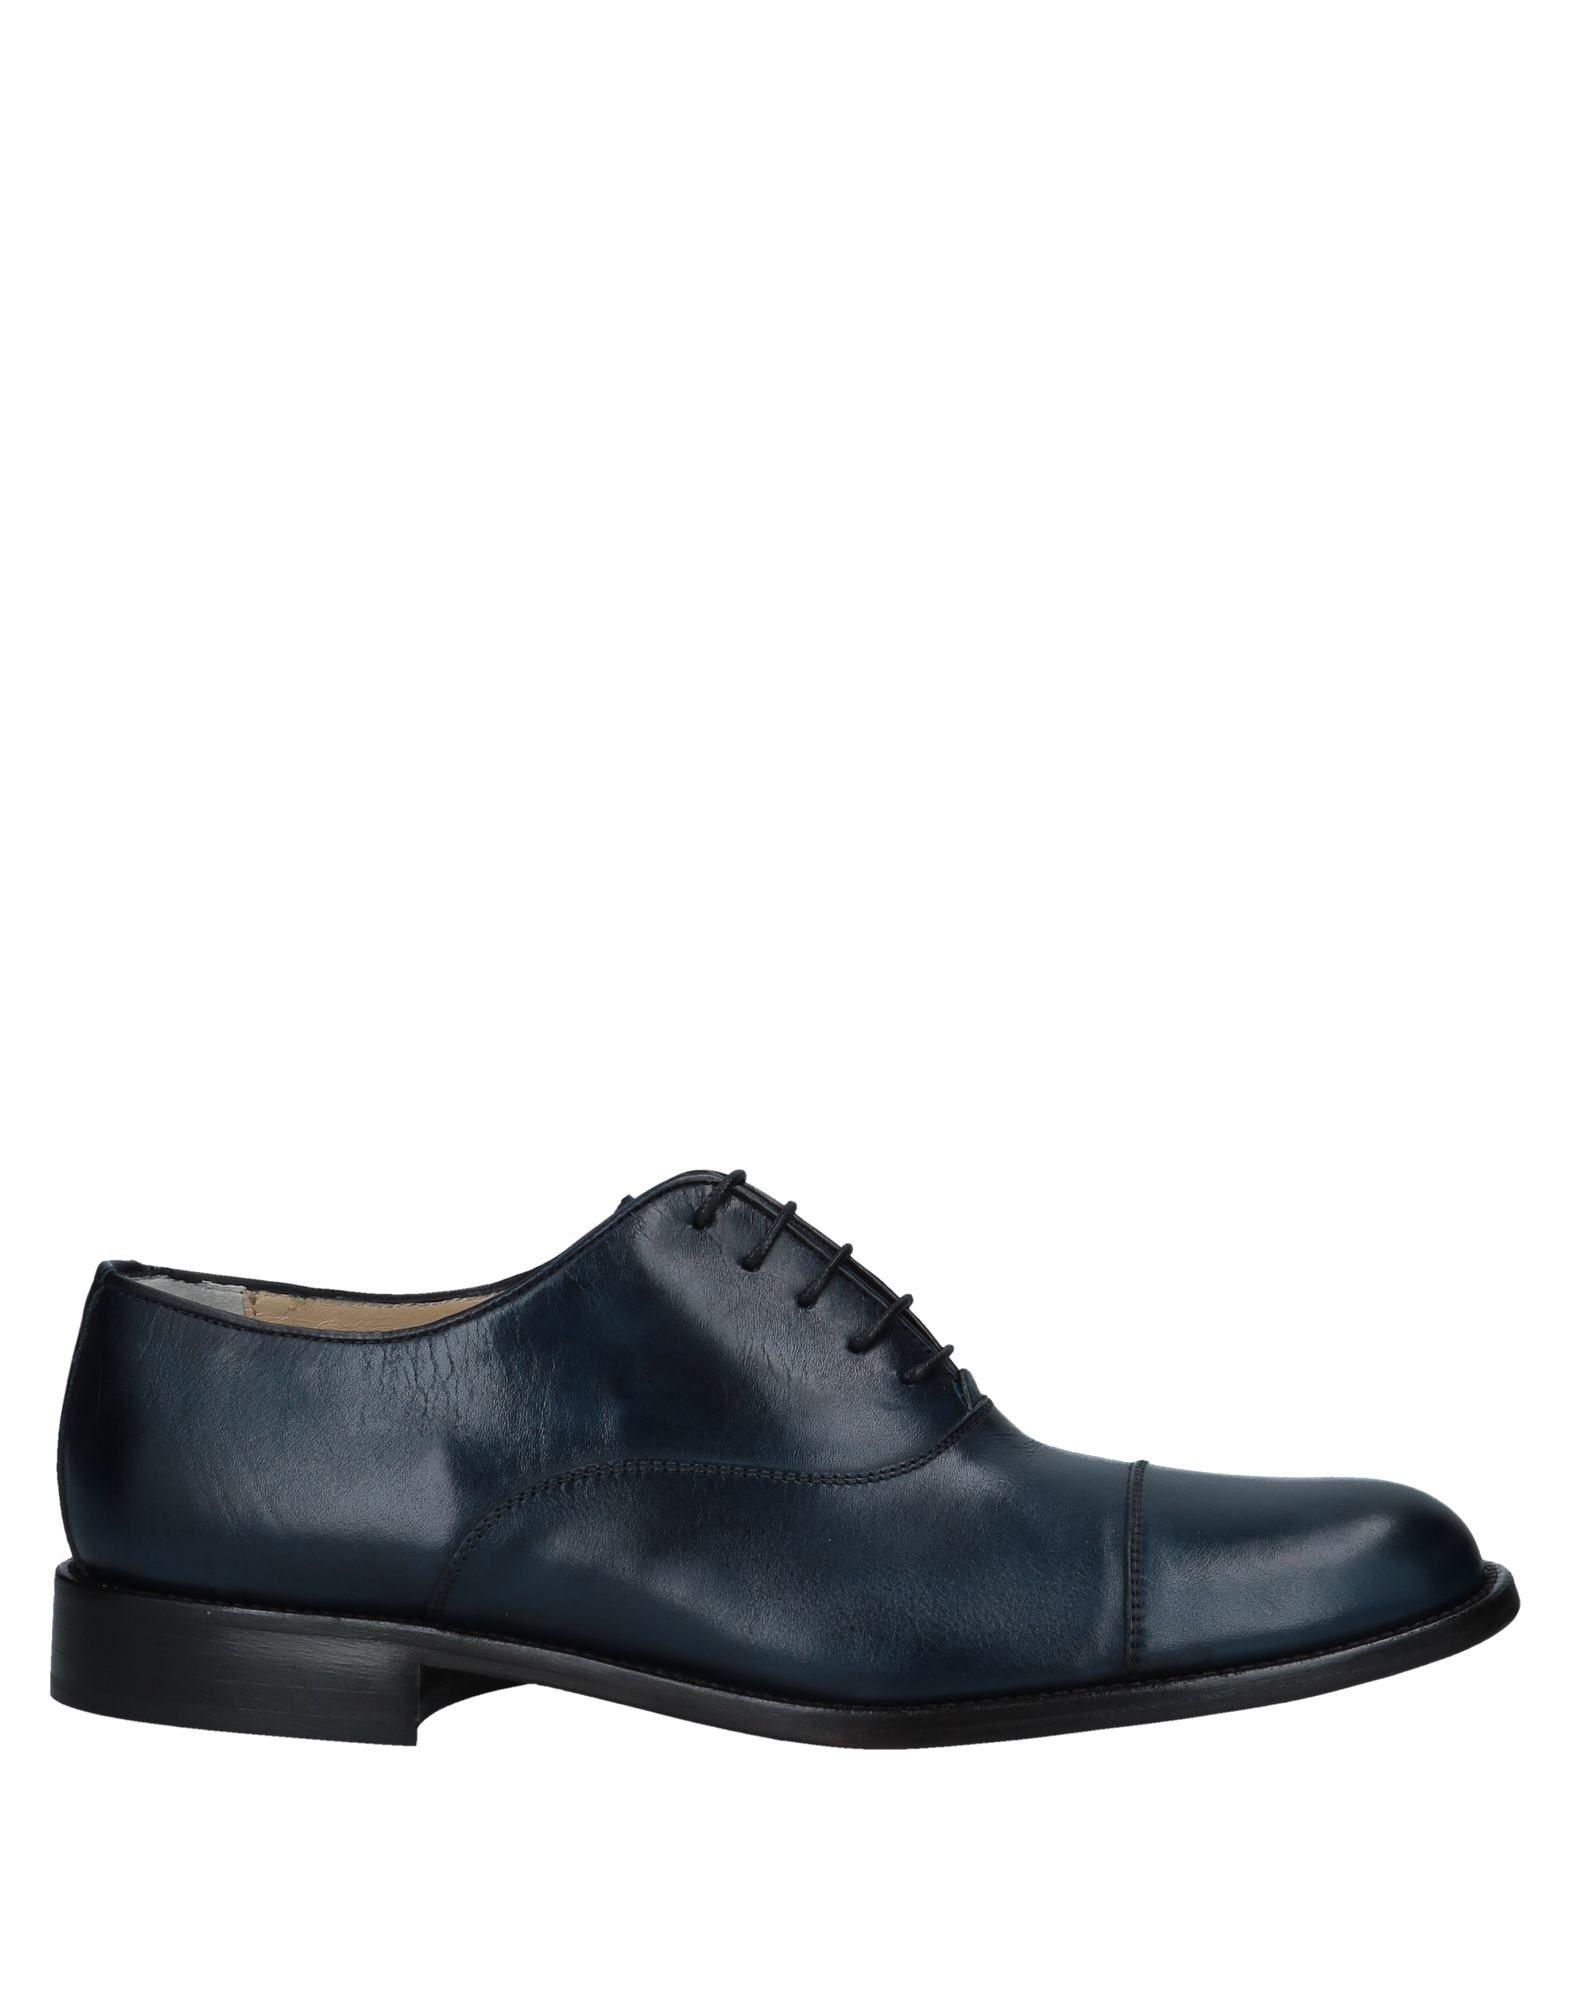 Baldinini Schnürschuhe Herren  11555054QE Gute Qualität beliebte Schuhe